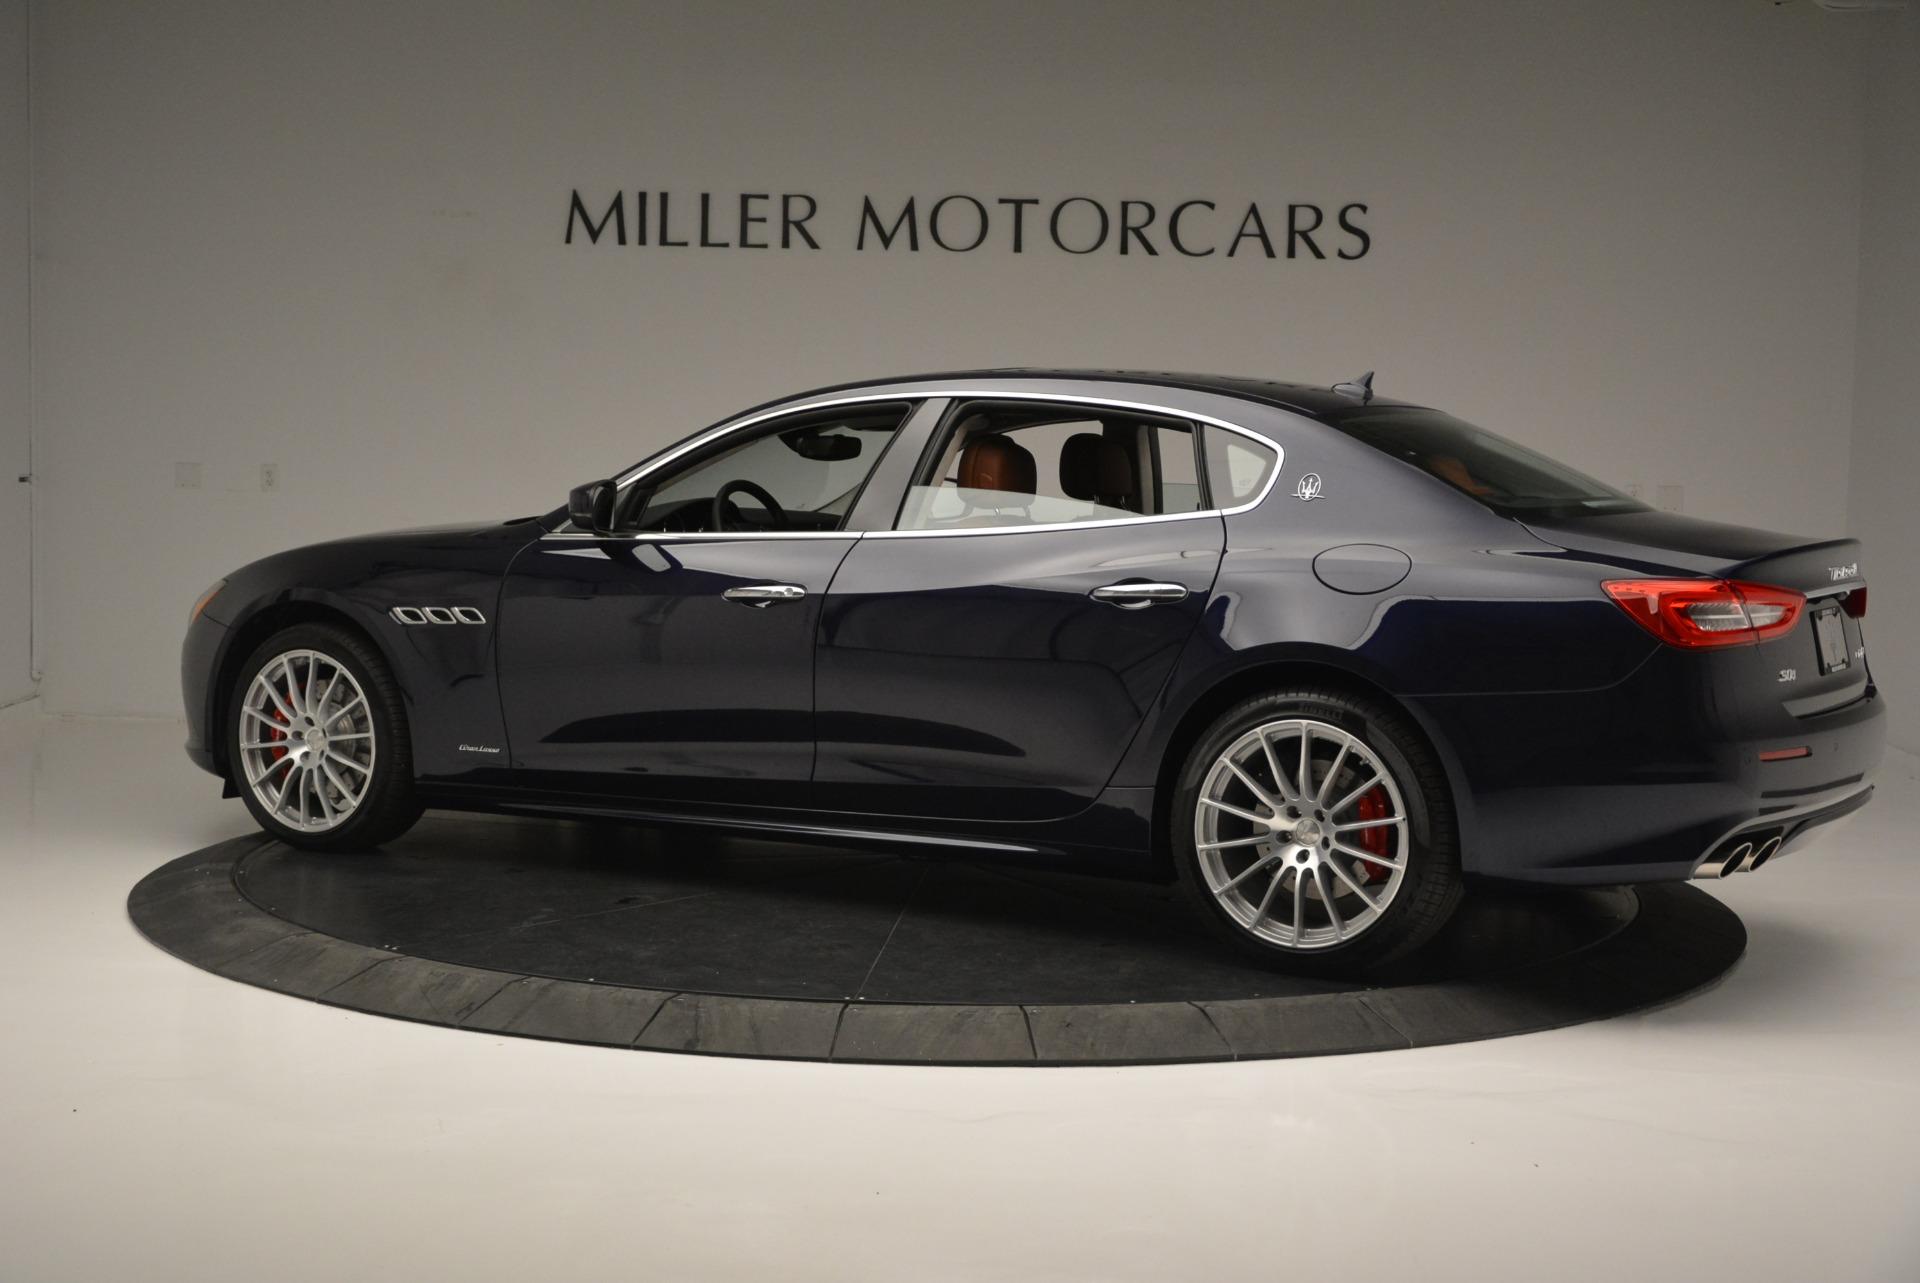 New 2018 Maserati Quattroporte S Q4 GranLusso For Sale In Greenwich, CT 1859_p4